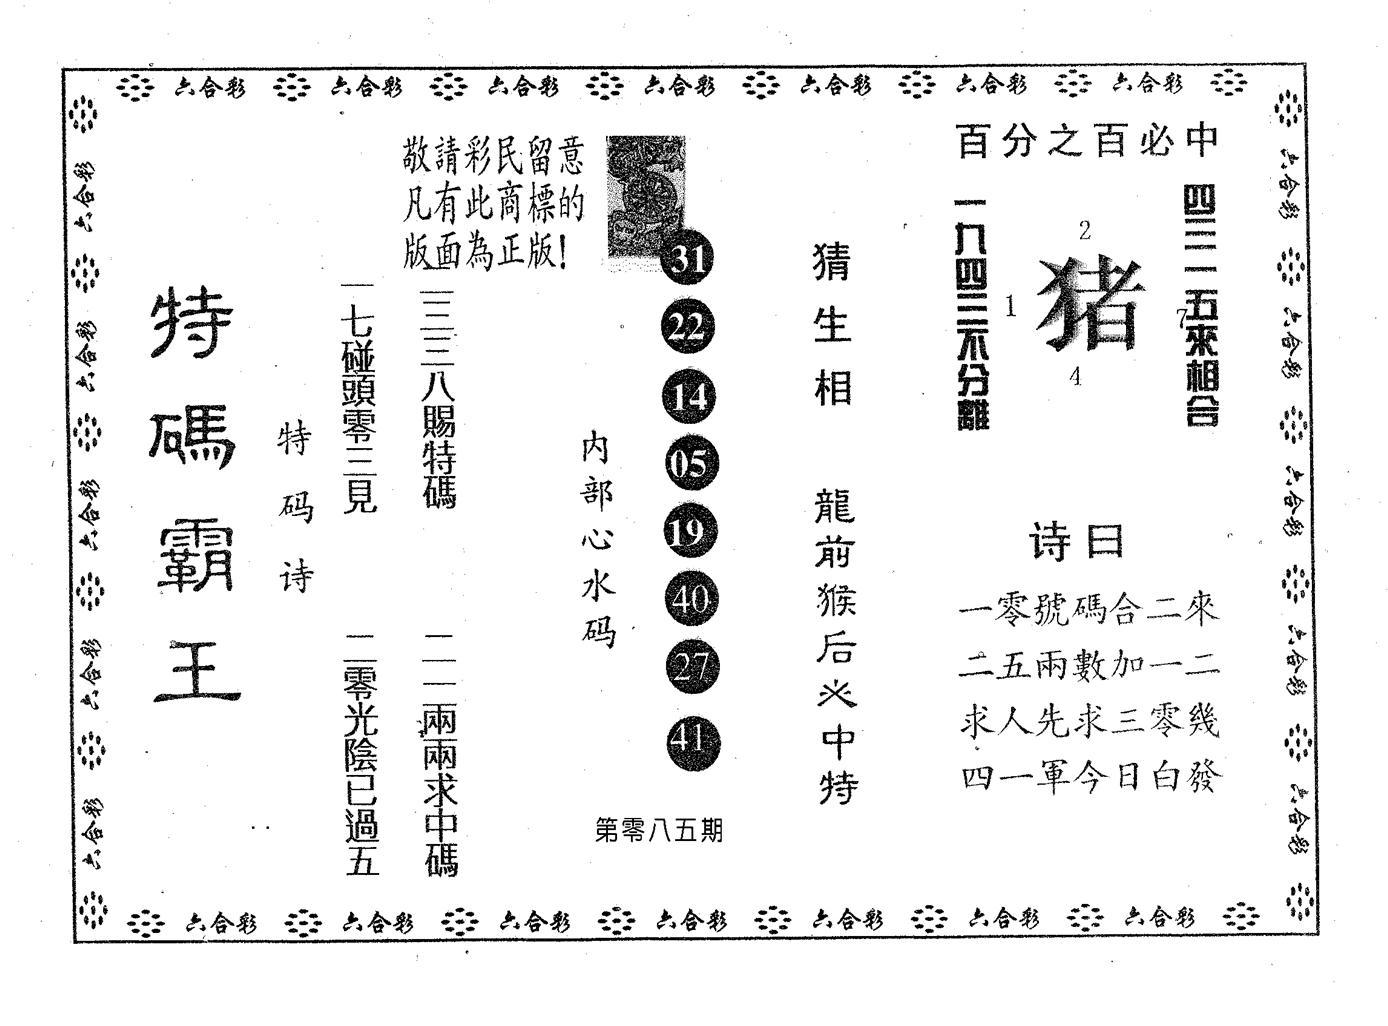 085期特码霸王A(黑白)